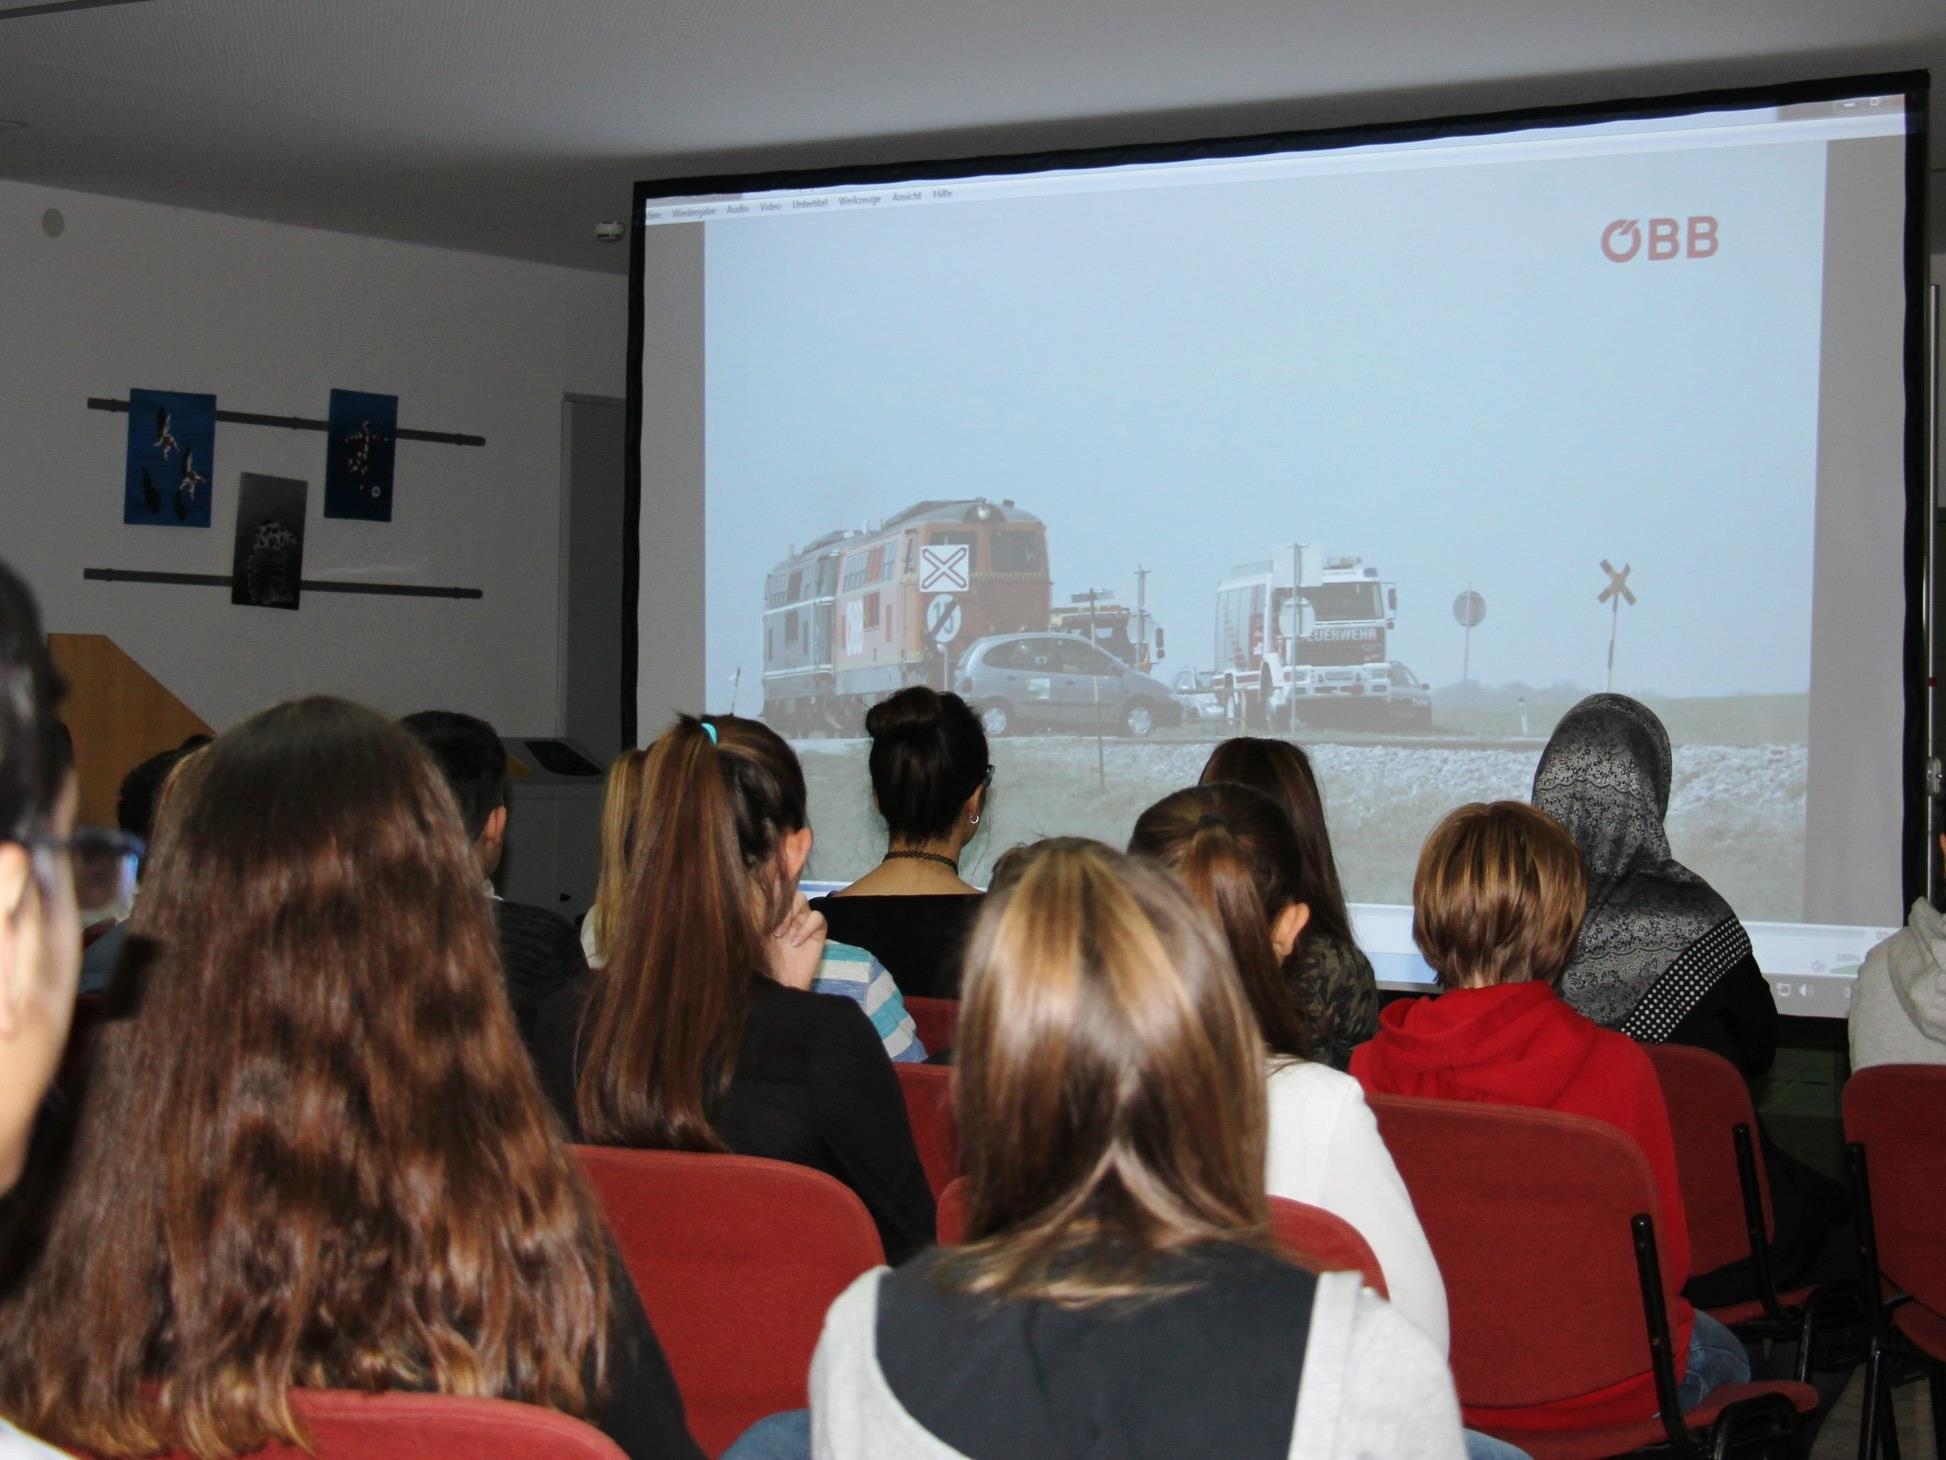 220 Schülerinnen und Schüler verfolgten den spannenden Sicherheitsvortrag der ÖBB in Gisingen.